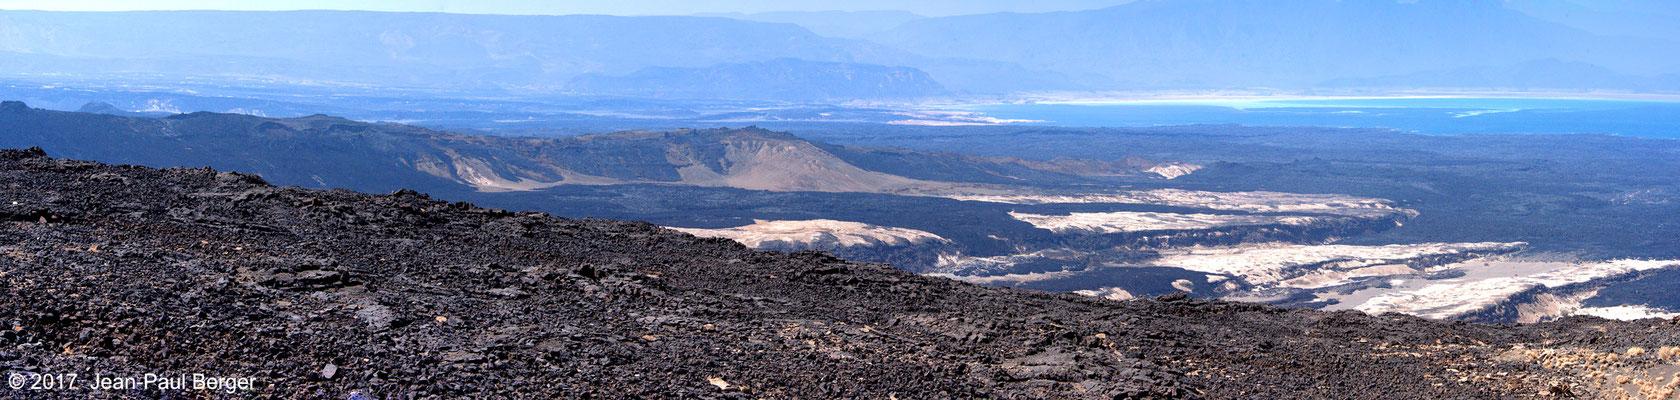 Vue sur le plancher du Rift, la chaîne volcanique médiane et le Lac ASal, depuis le rebord du premier compartiment basculé au Nord